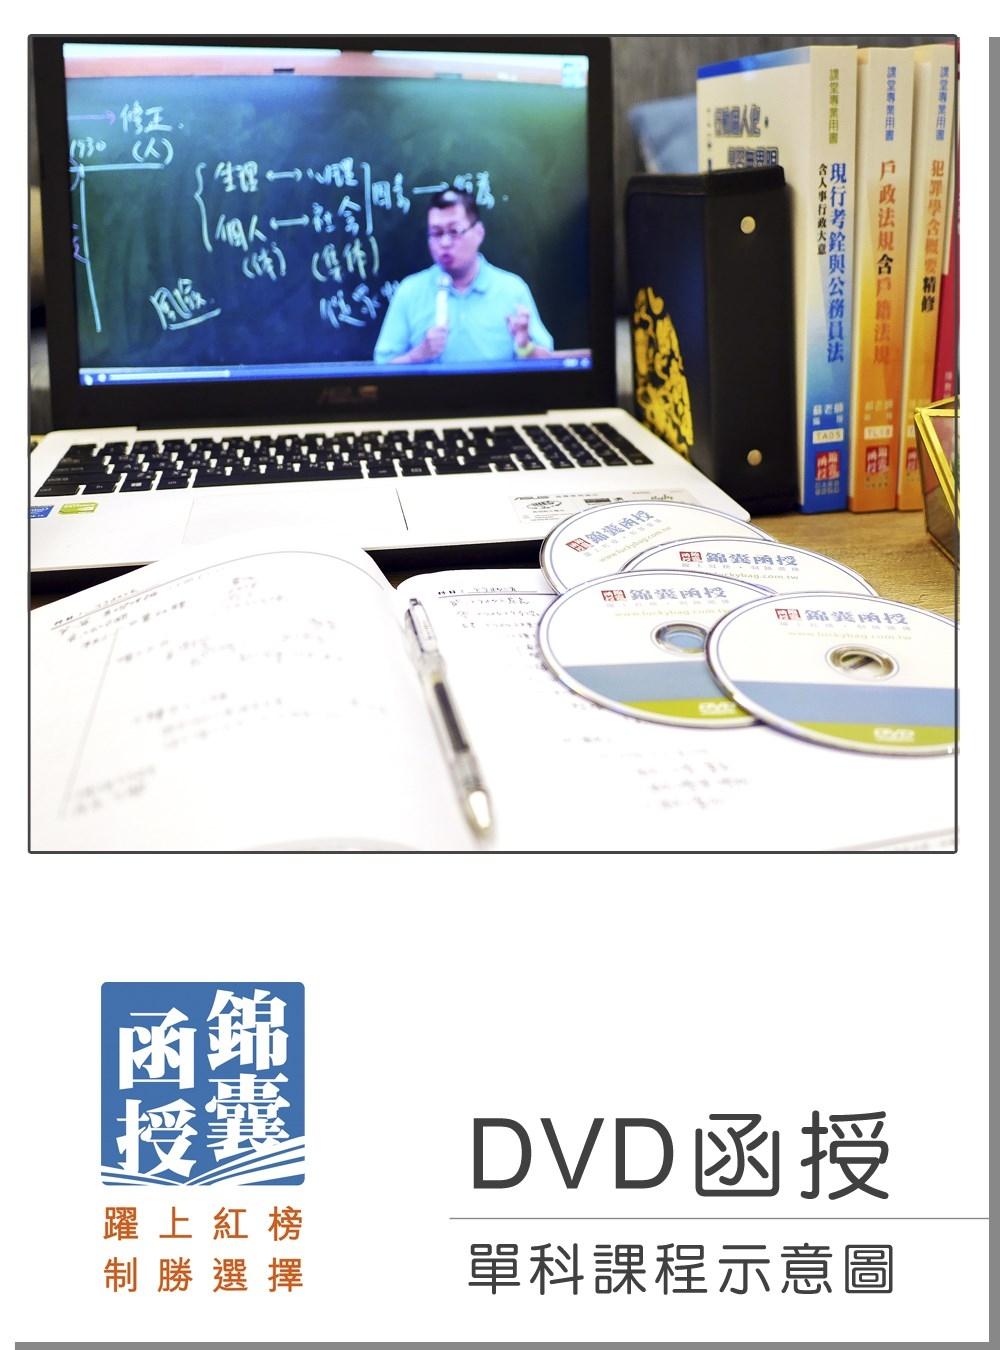 【DVD函授】導遊領隊實務(一):單科課程(107版)